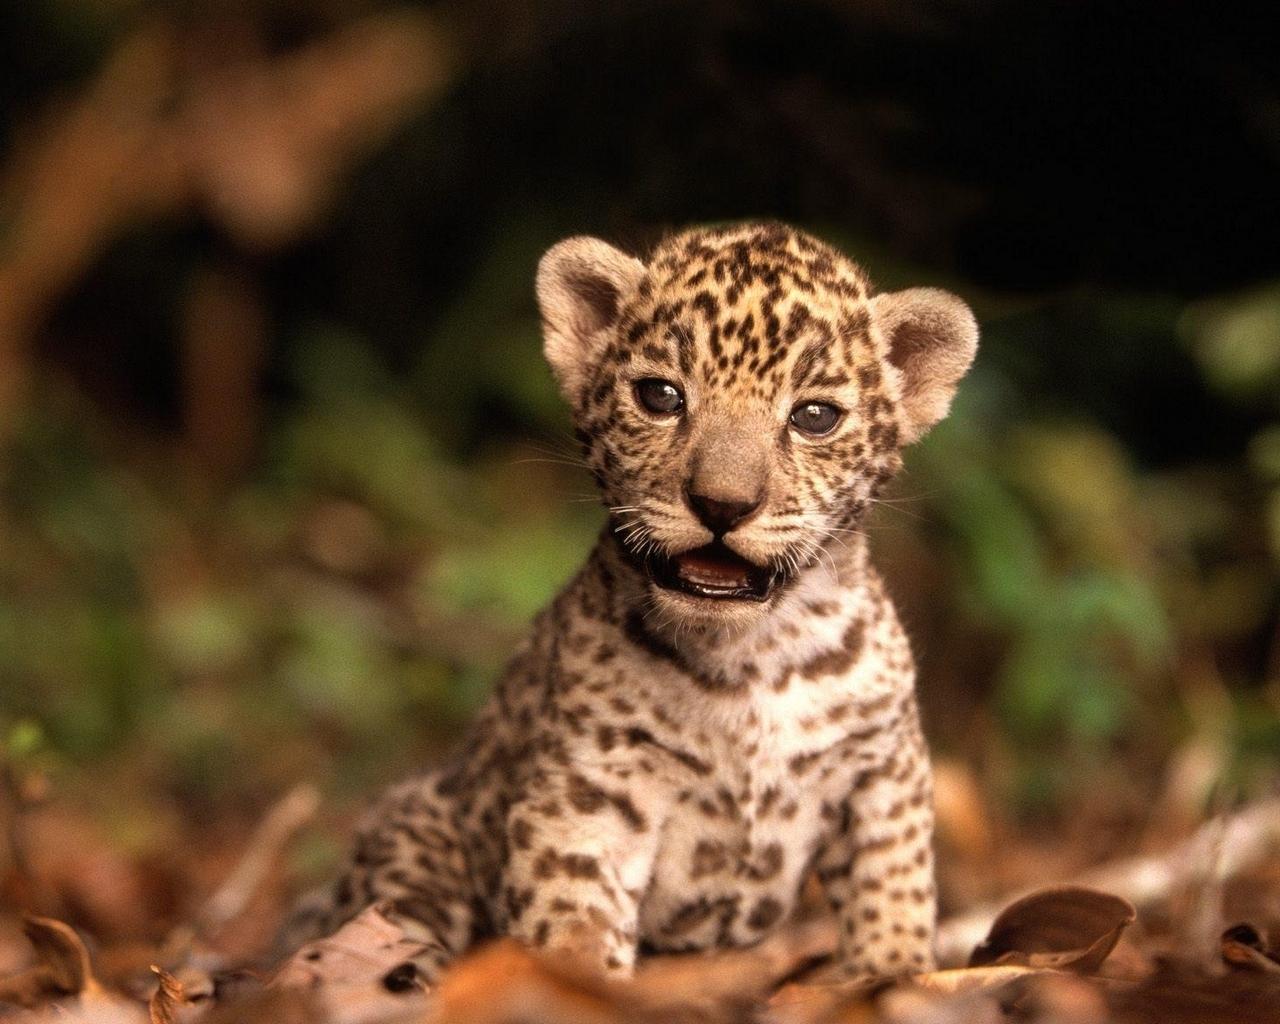 Coloriage Bebe Leopard.Image Leopard A Imprimer Colorier Les Enfants Marnfozine Com